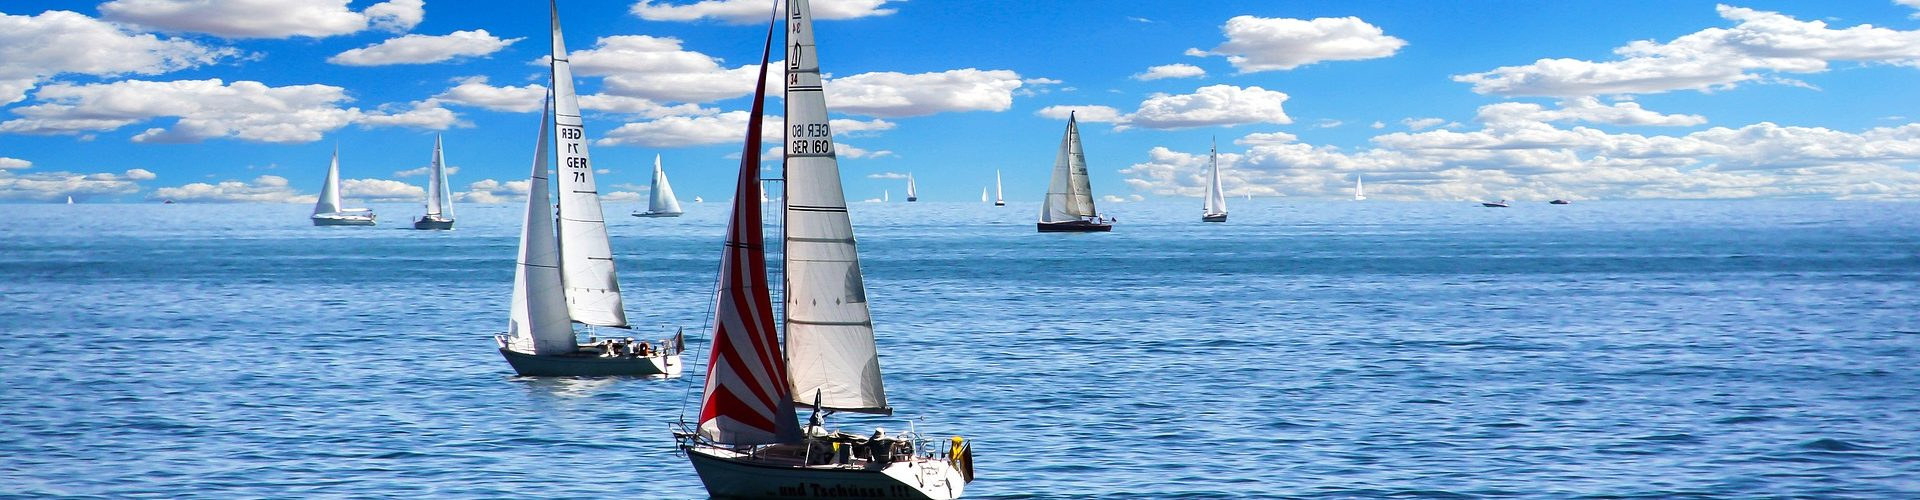 segeln lernen in Dörpen segelschein machen in Dörpen 1920x500 - Segeln lernen in Dörpen